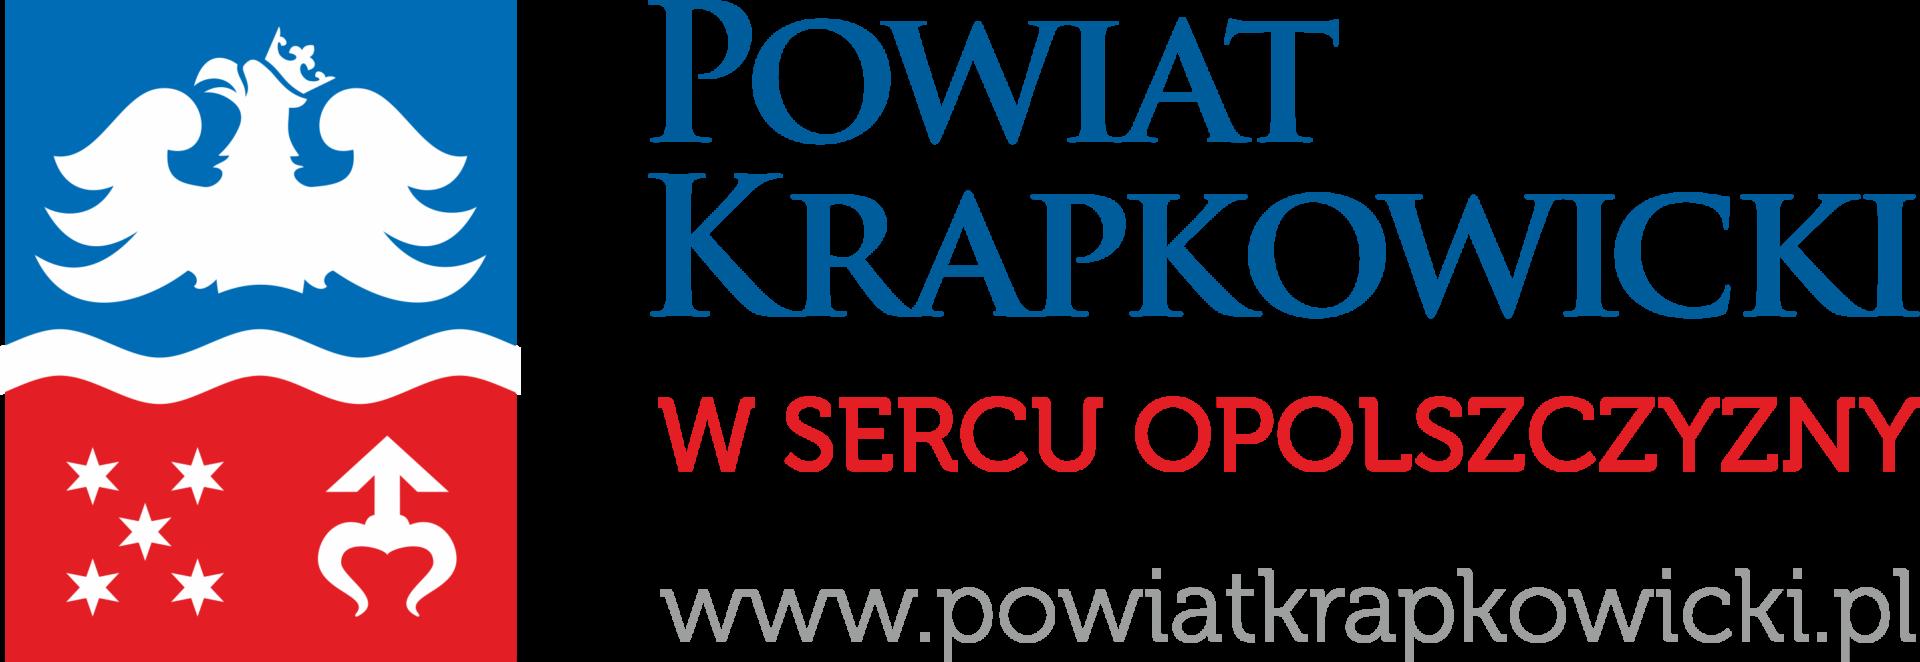 krapkowicki